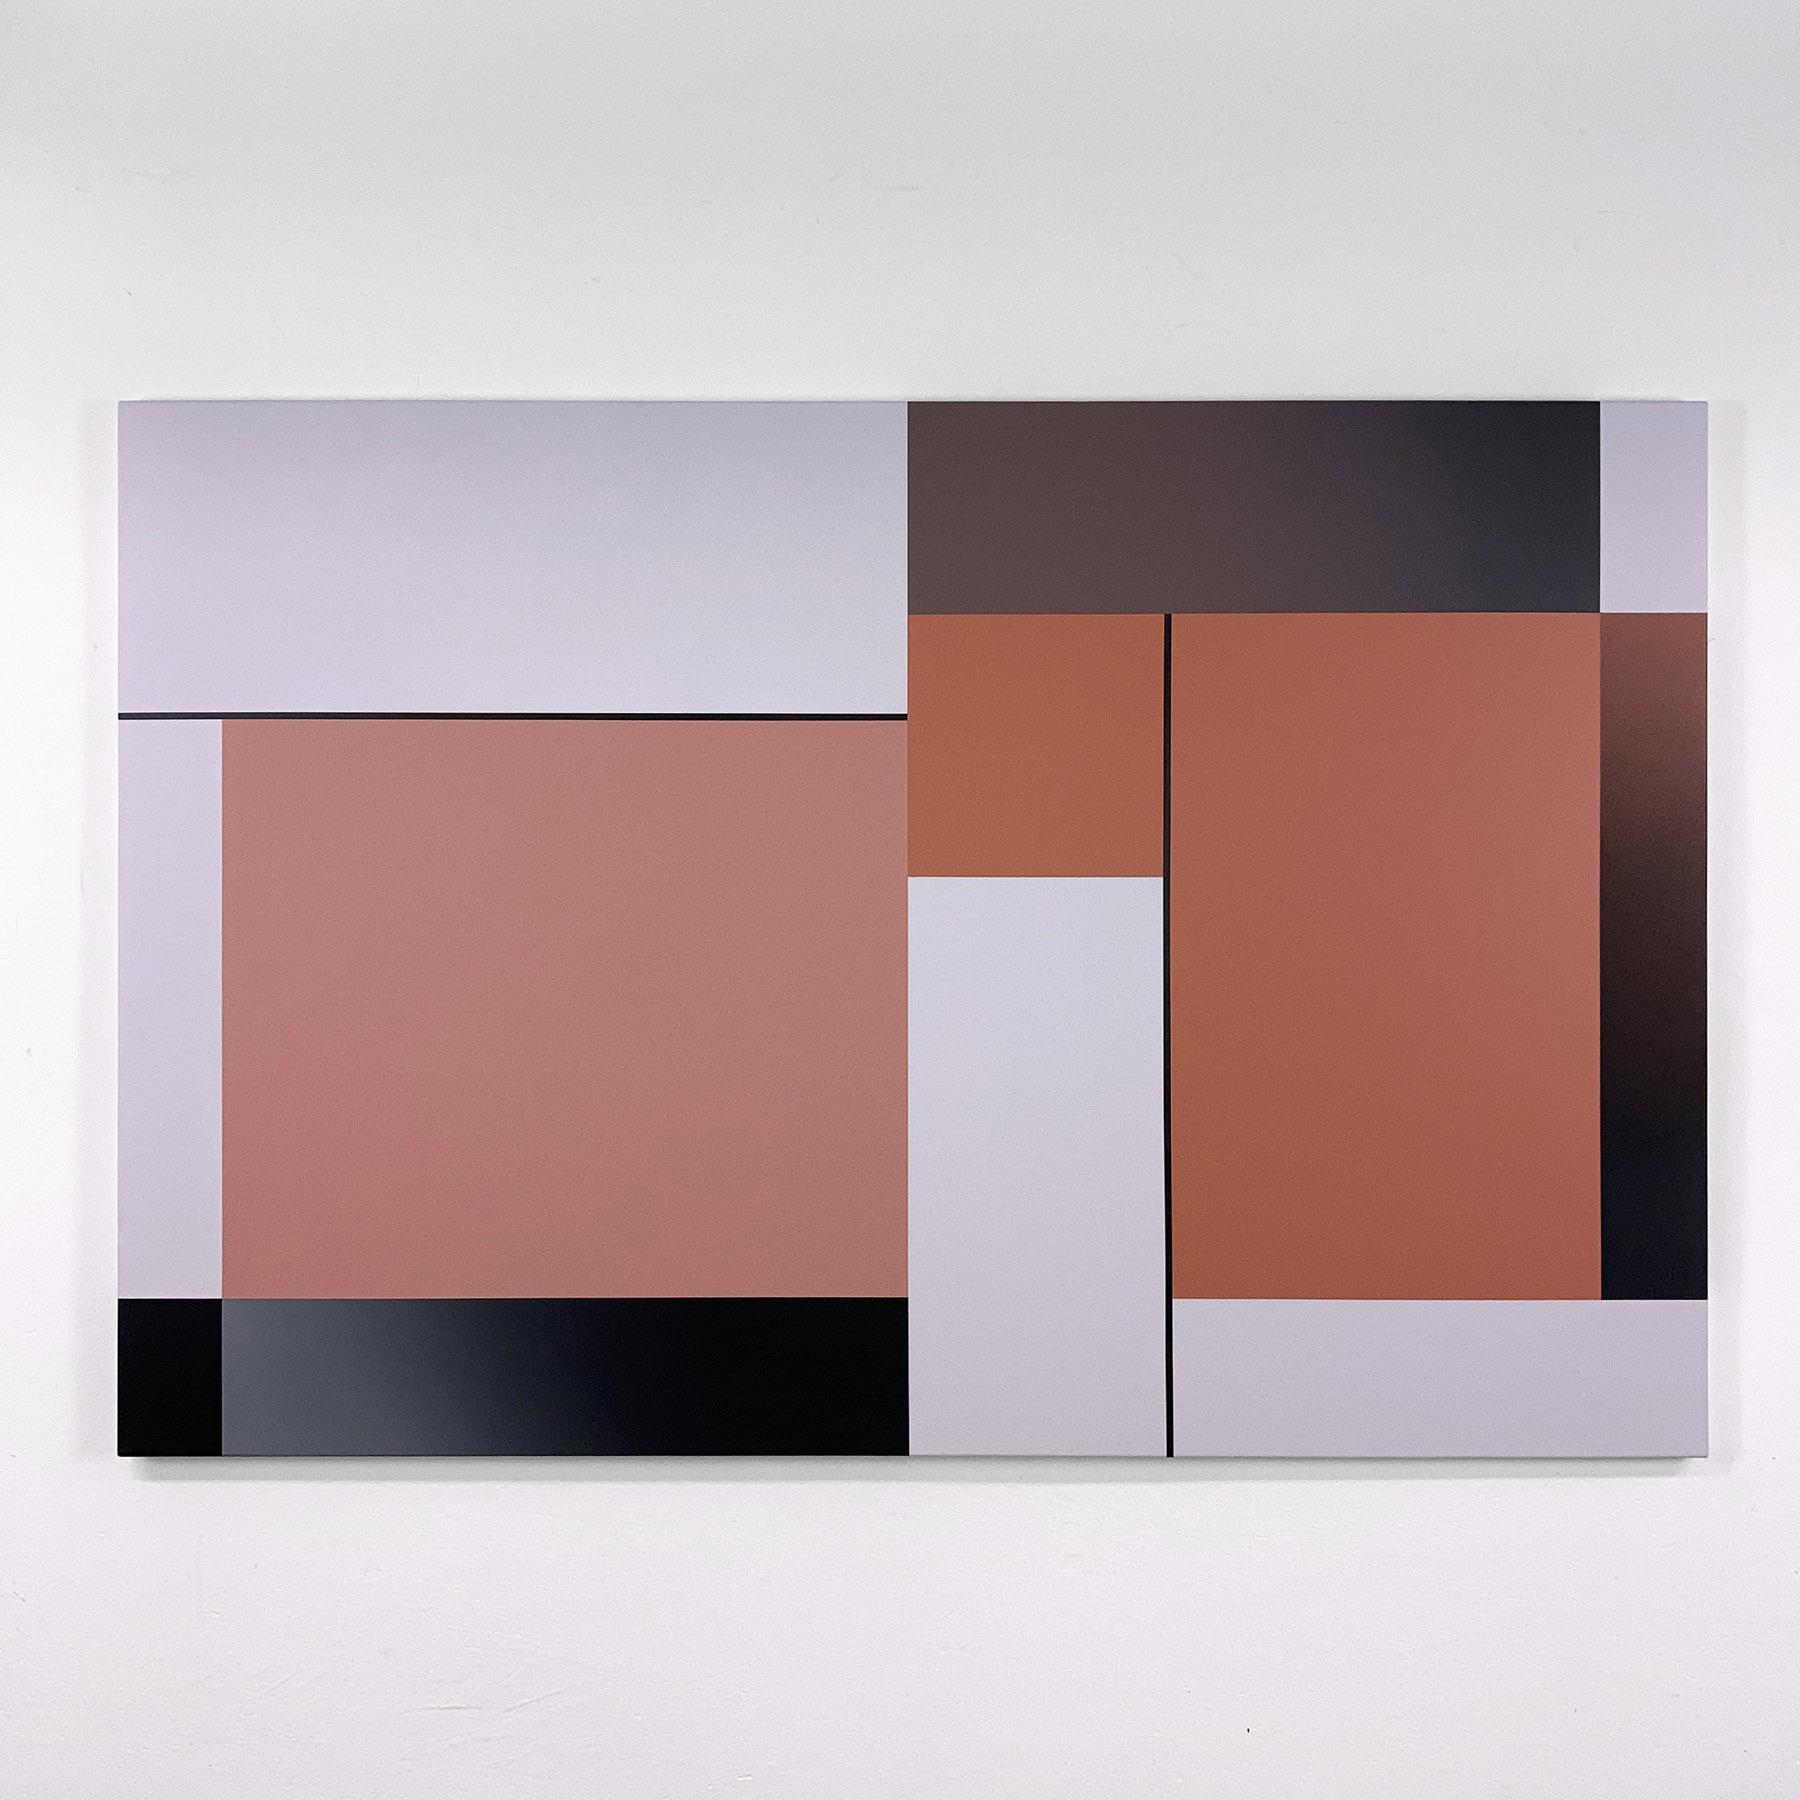 acrylic on canvas, 100 x 150 cm